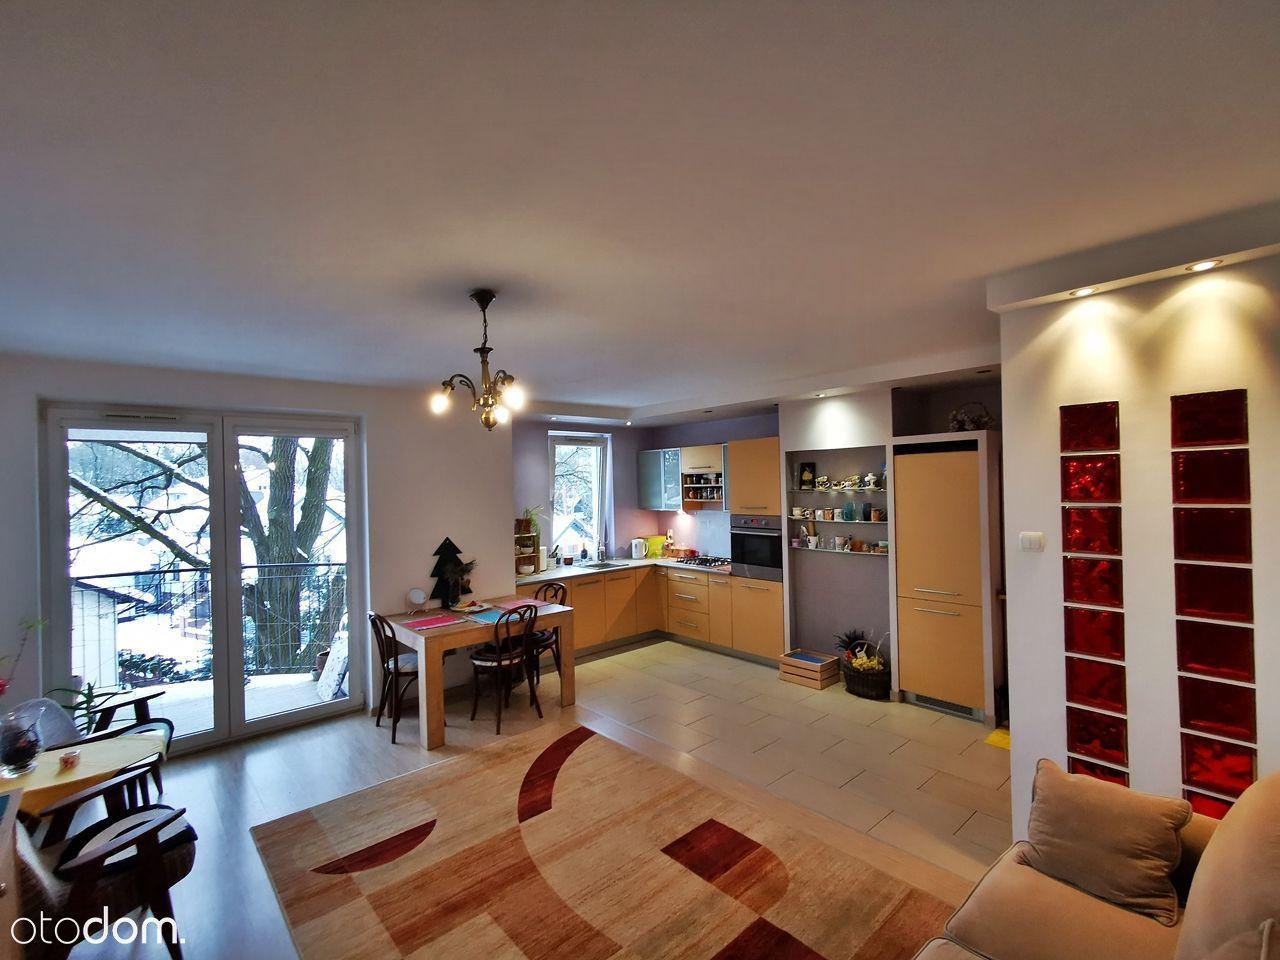 3 pokoje, 61,5m2, urządzone i gotowe do wejścia